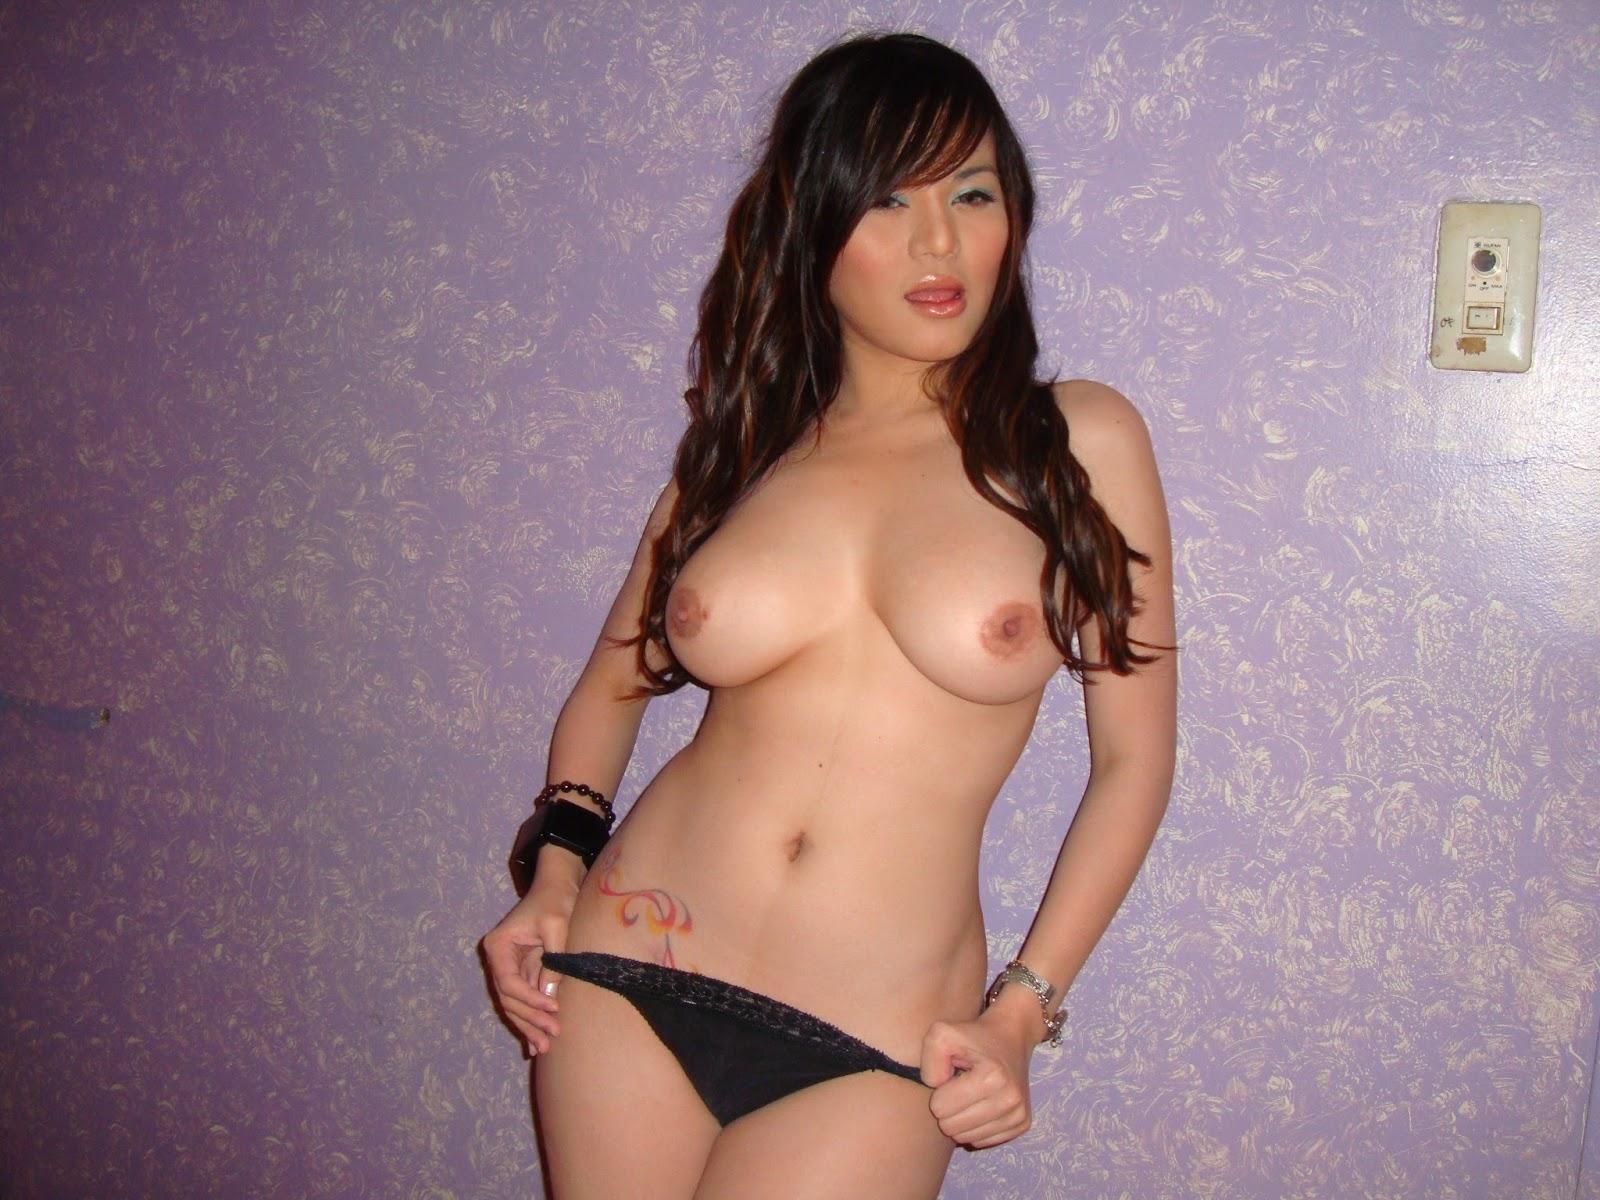 bridget suarez sexy naked pics 01